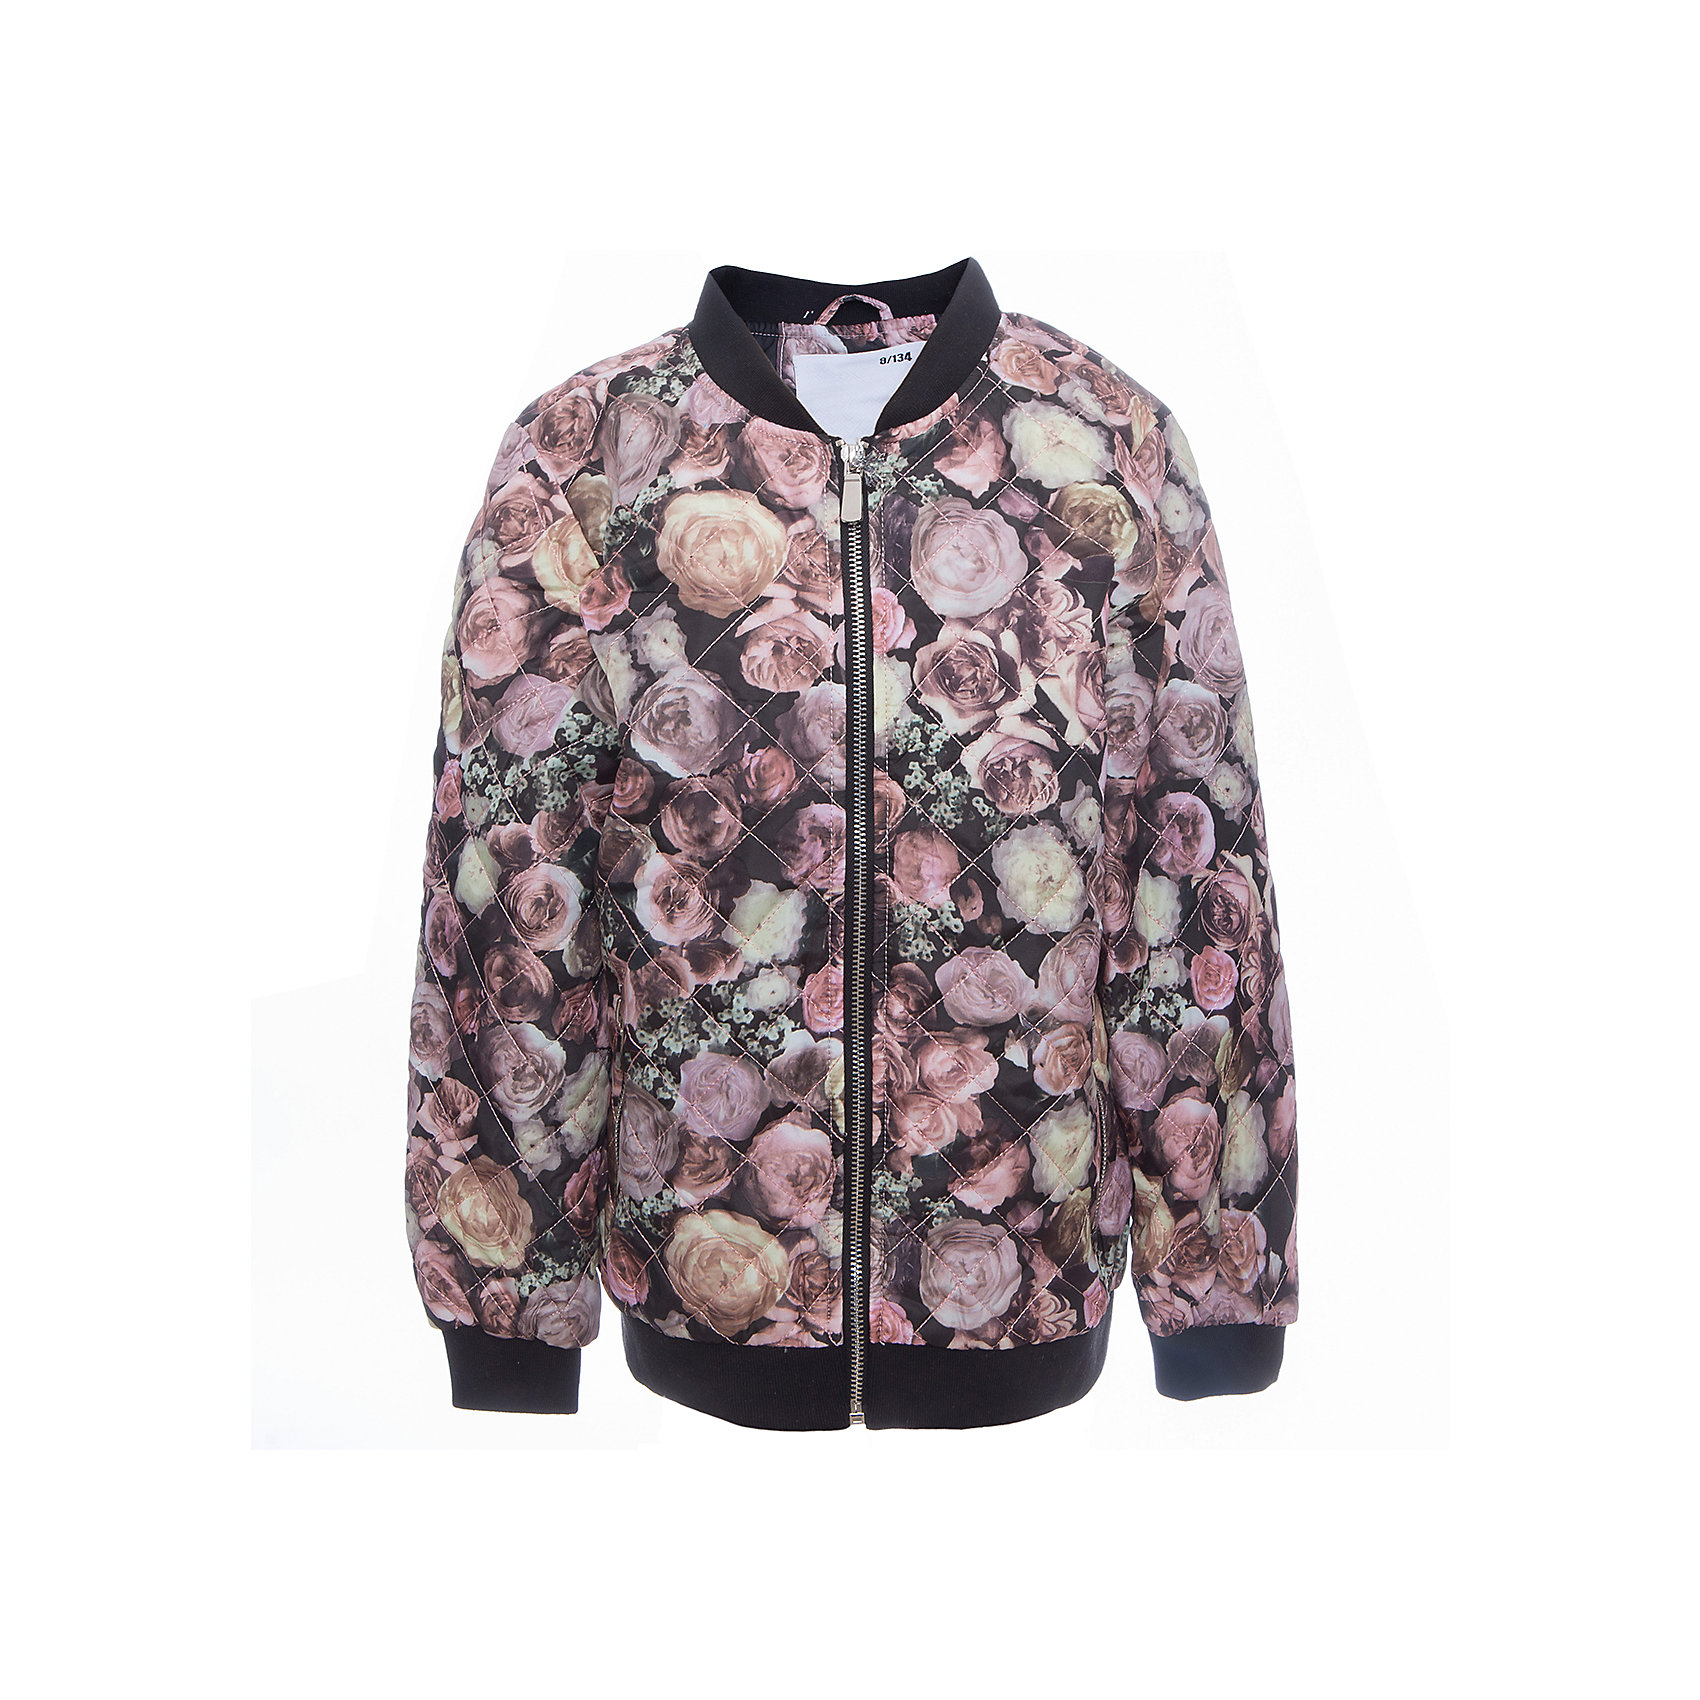 Куртка для девочки LuminosoСтильная, стеганая куртка для девочки с воротником-стойкой декорированная цветочным принтом. Два прорезных карманы. Застегивается на молнию.<br>Состав:<br>Верх: 100%полиэстер.  Подкладка: 100%полиэстер. Наполнитель: 100%полиэстер<br><br>Ширина мм: 356<br>Глубина мм: 10<br>Высота мм: 245<br>Вес г: 519<br>Цвет: черный<br>Возраст от месяцев: 96<br>Возраст до месяцев: 108<br>Пол: Женский<br>Возраст: Детский<br>Размер: 134,140,146,152,158,164<br>SKU: 5413186